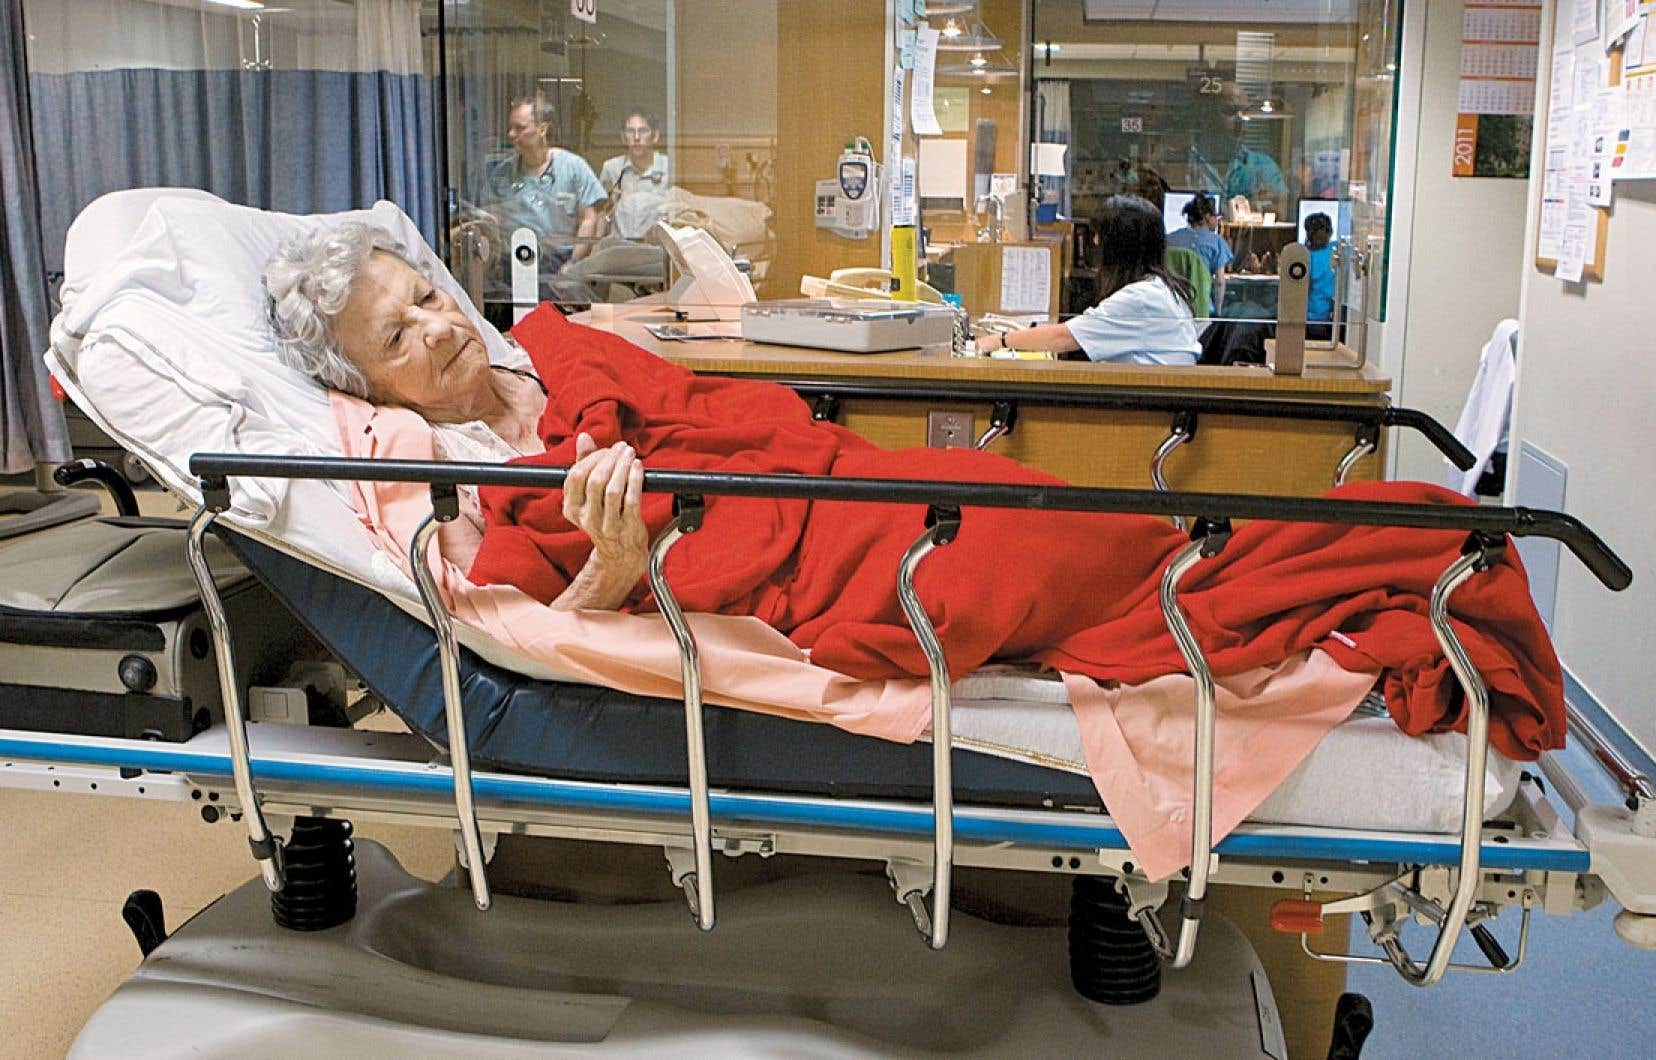 L'accès au réseau des soins de santé est souvent compromis pour les aînés de plus de 85 ans.